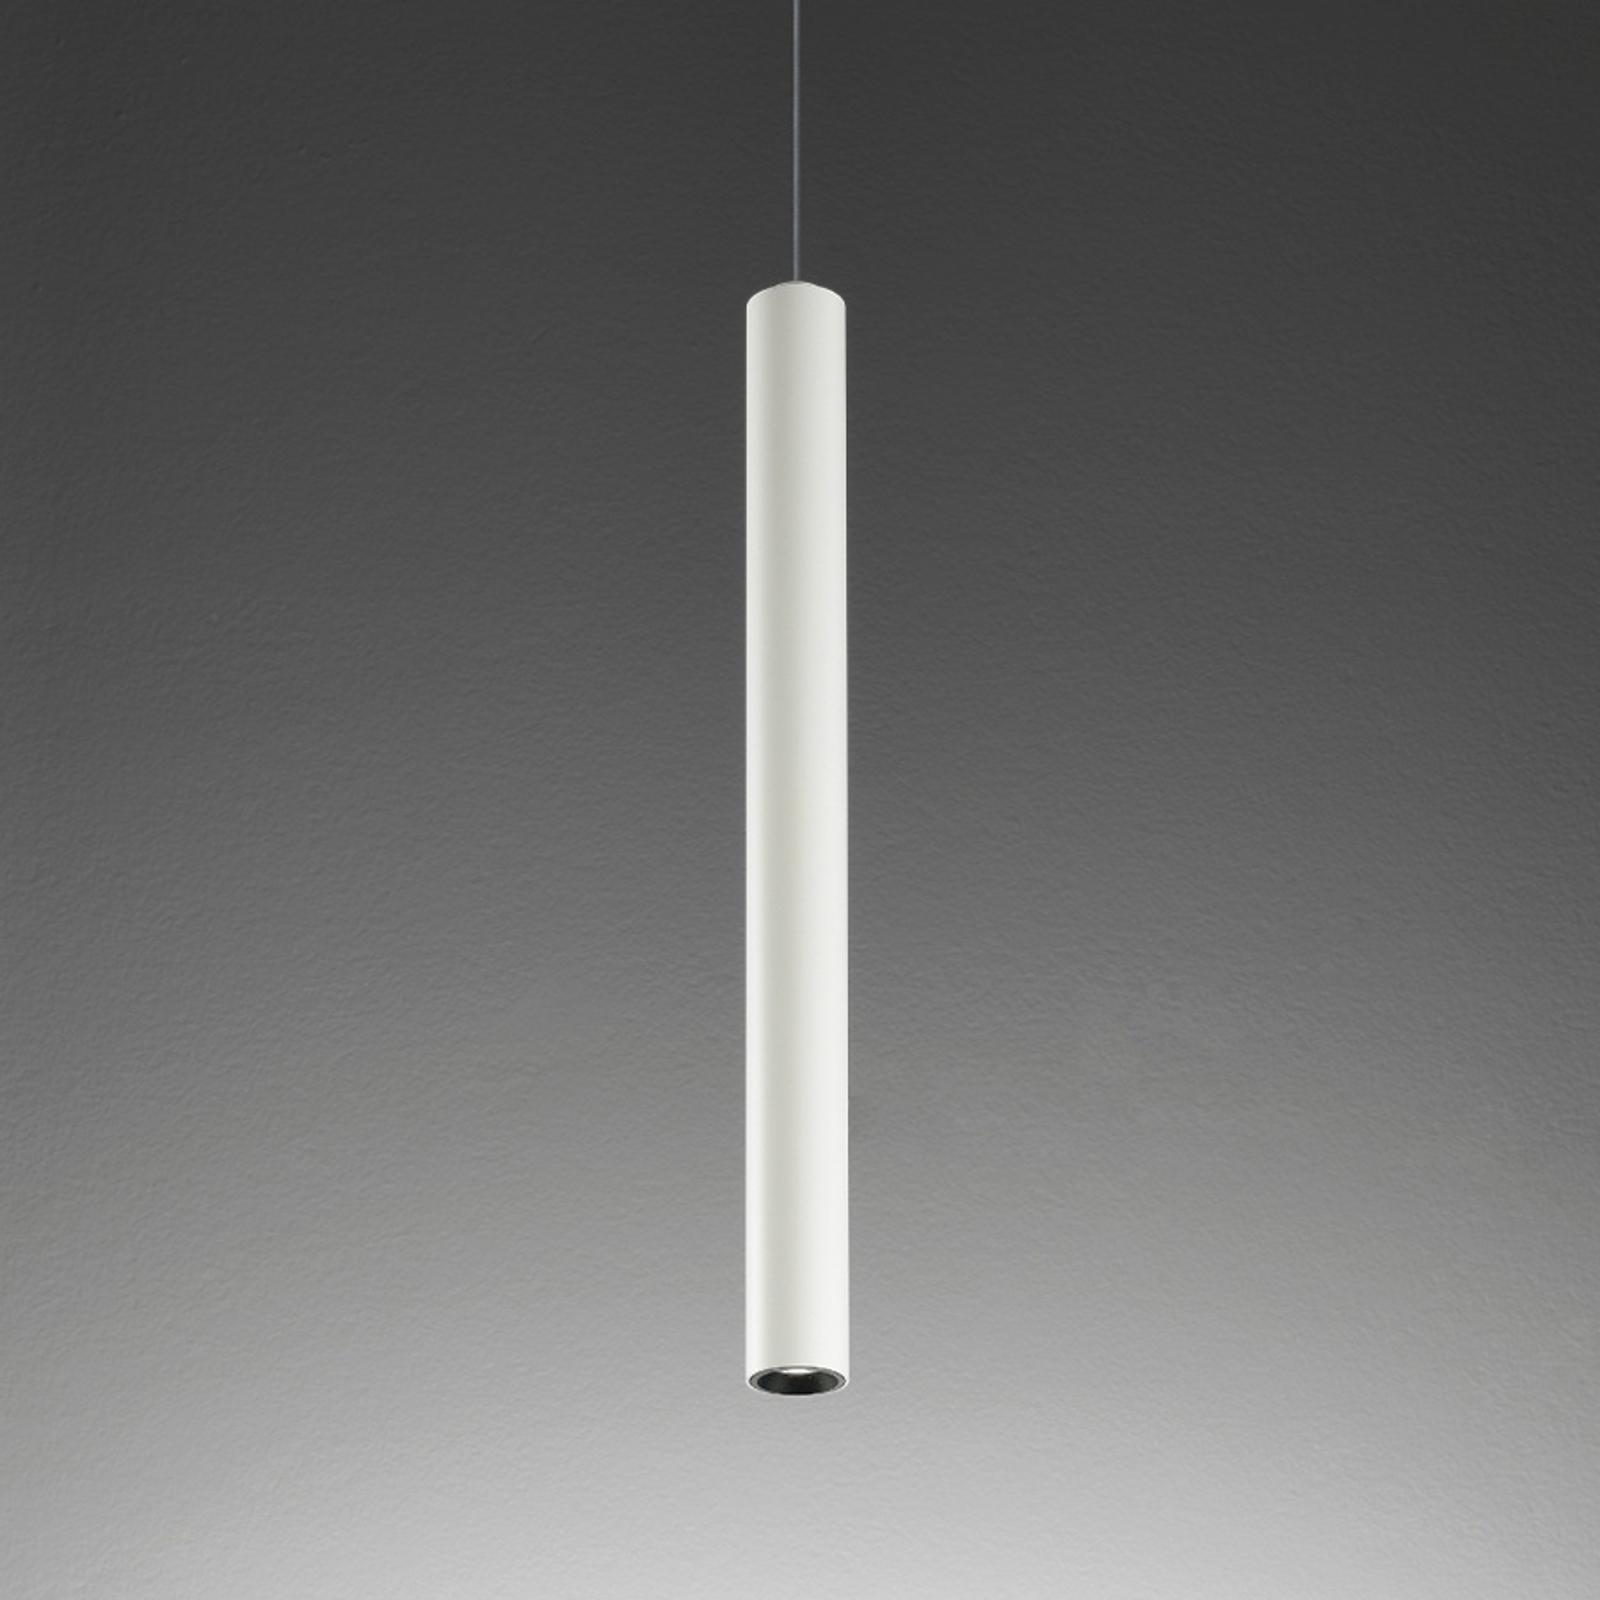 Efficiente lampada a sospensione LED Lilli